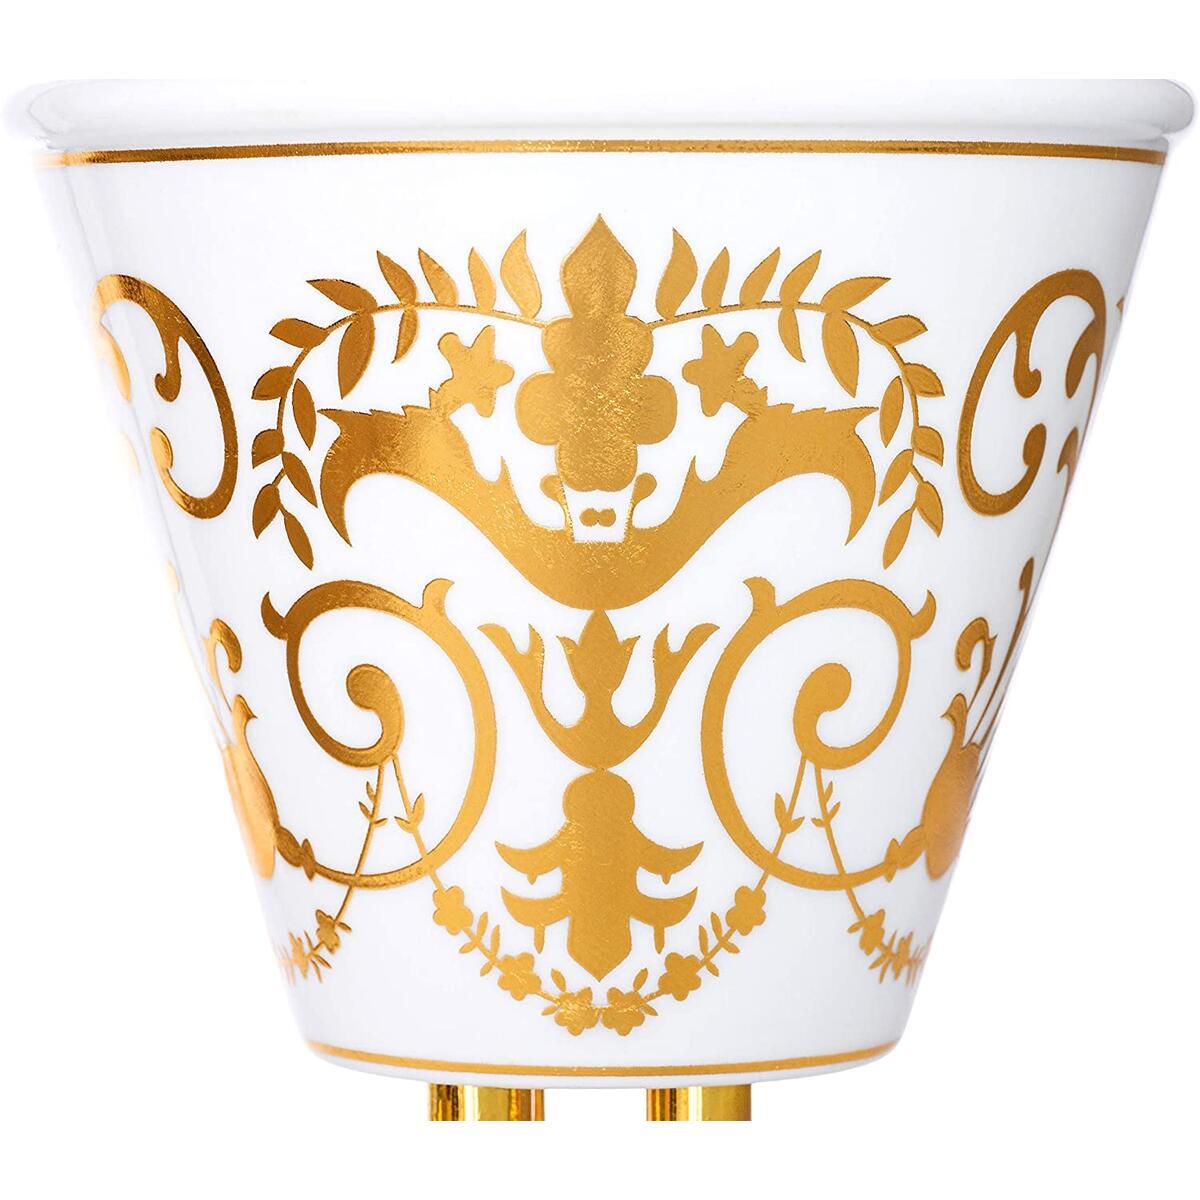 AM Ceramic Bakhoor Incense Burner - Charcoal Incense Holder - Brocade